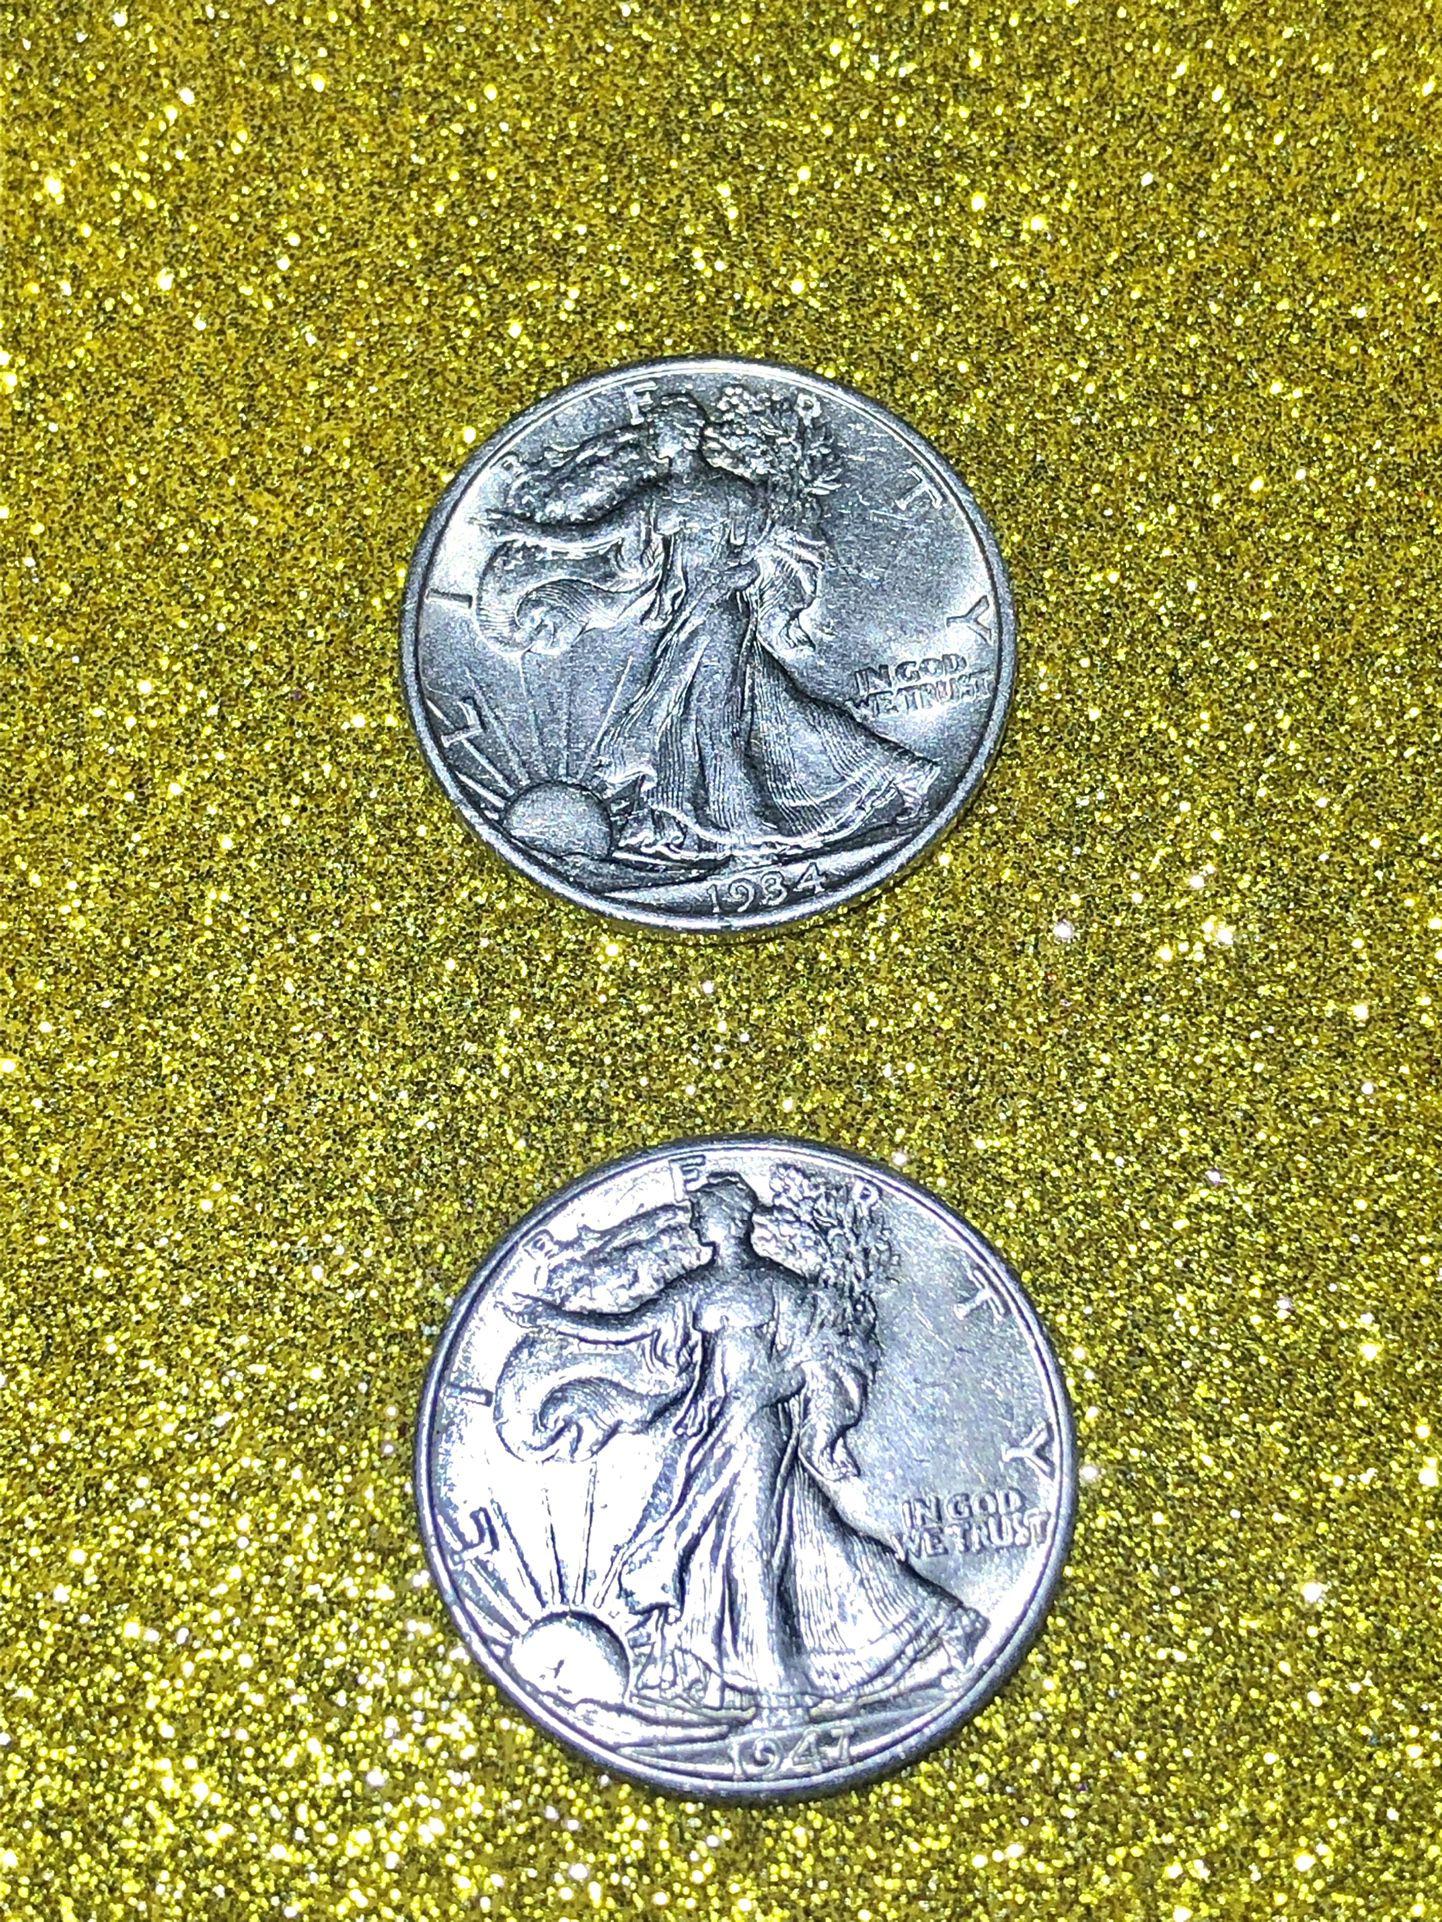  1934 and 1947 Walking Liberty Silver Half Dollar 